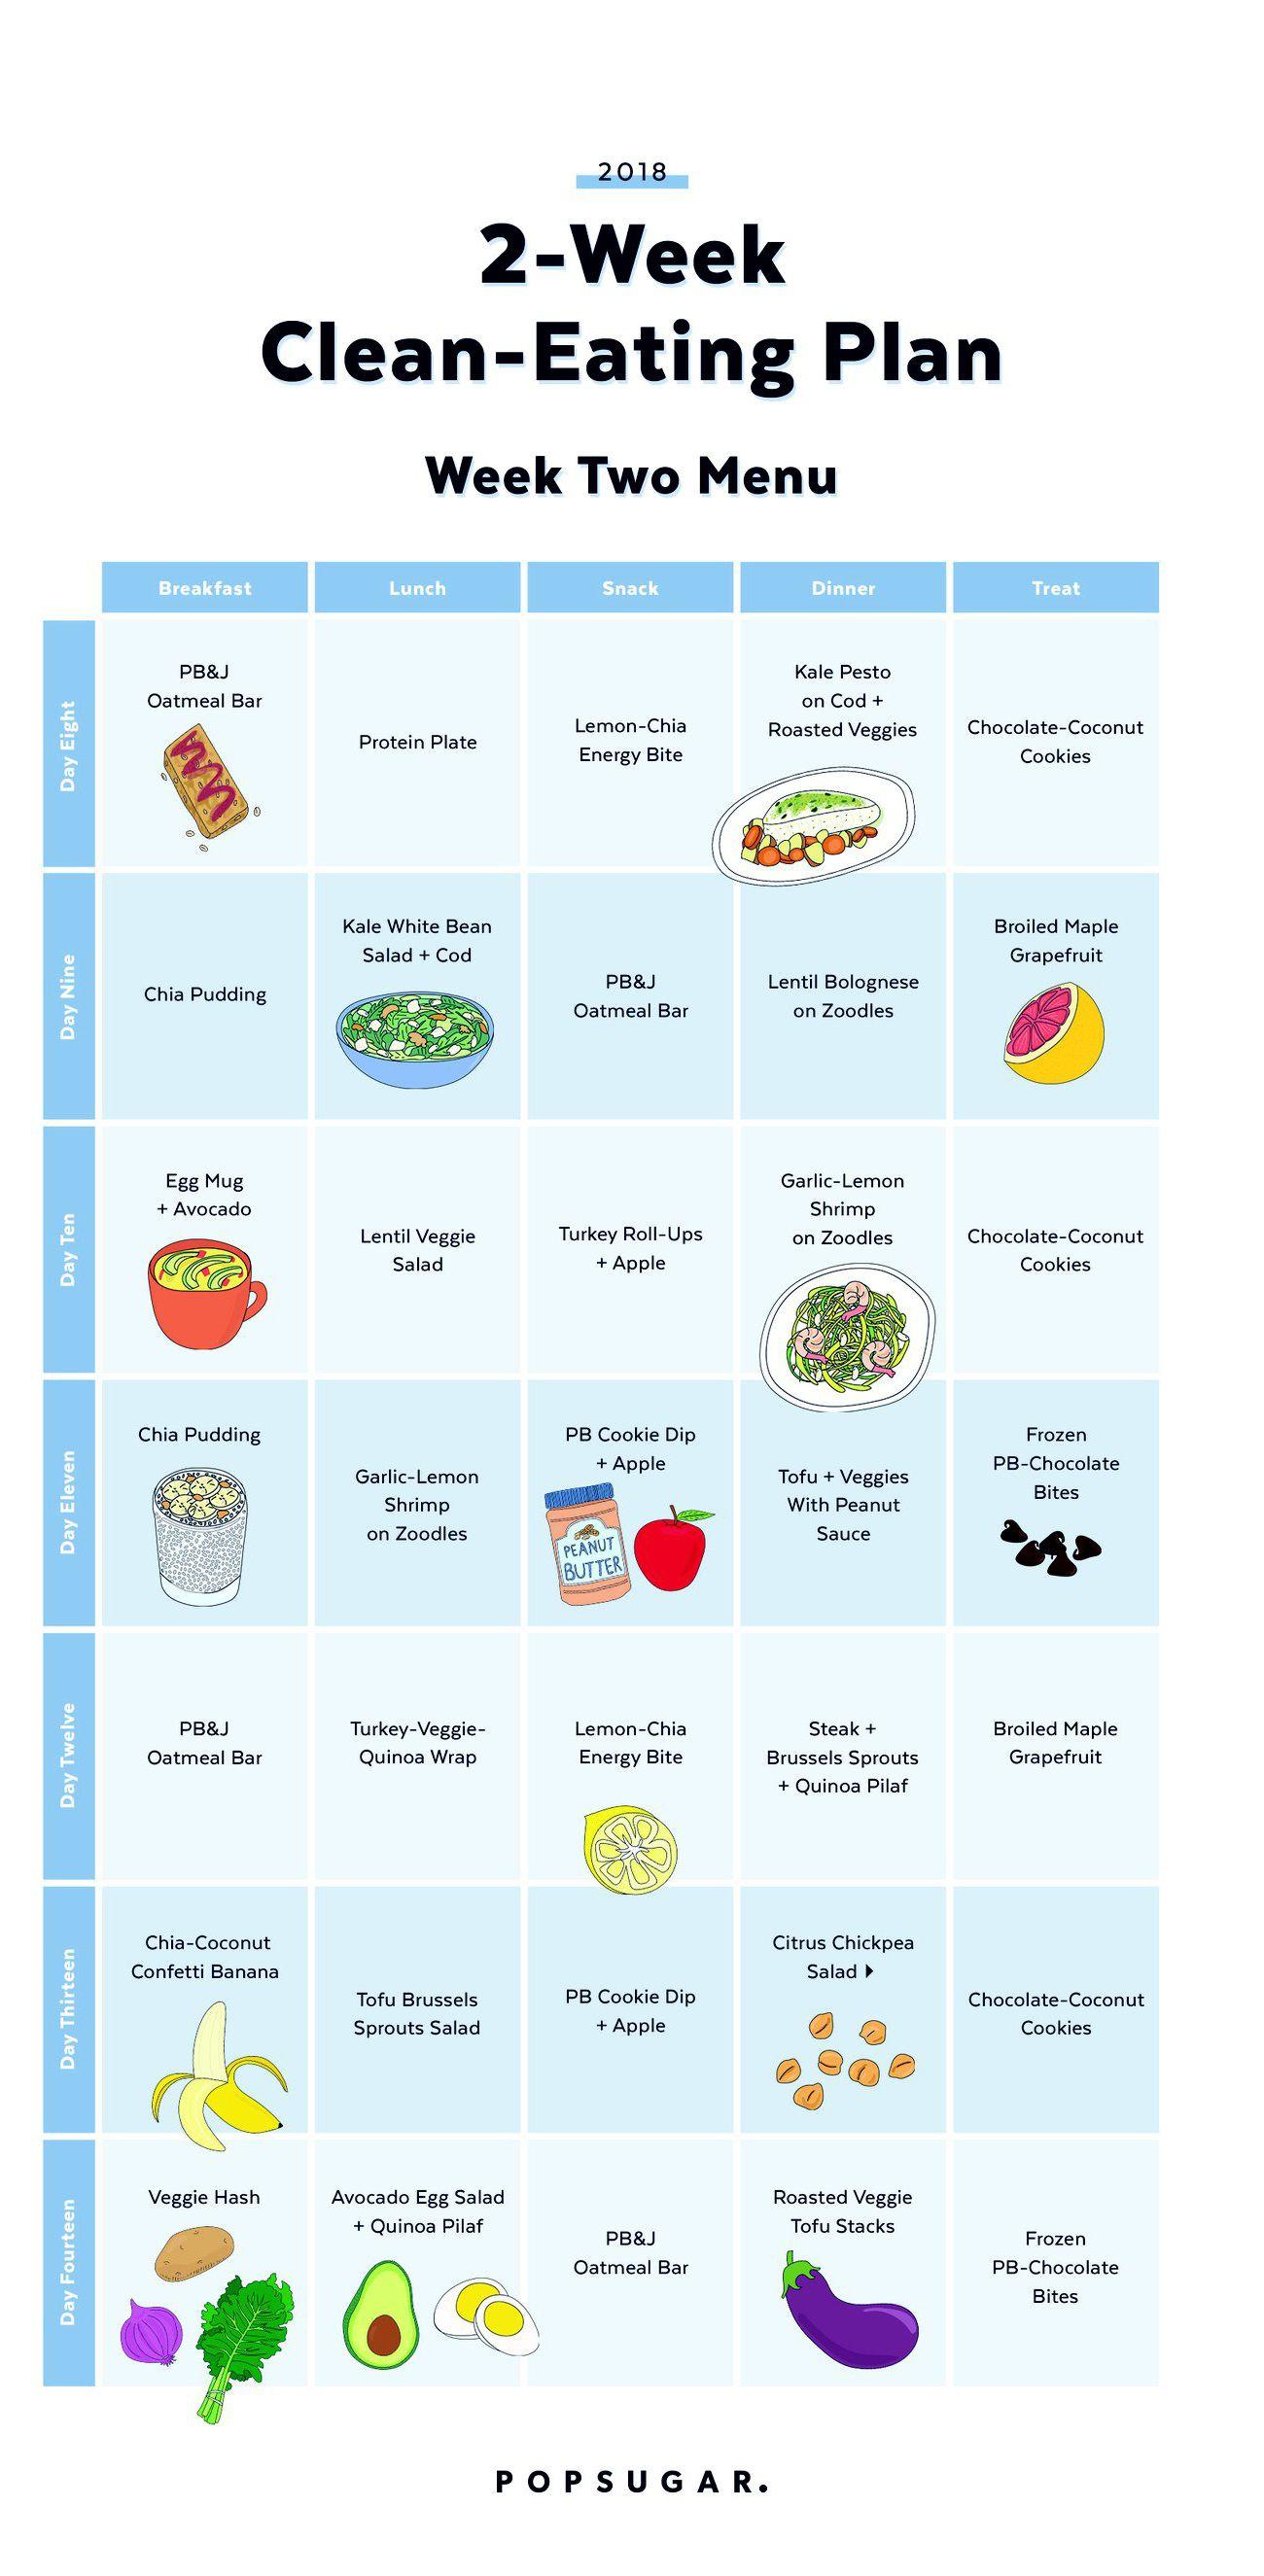 007 Wonderful 2 Week Meal Plan Printable Design Full